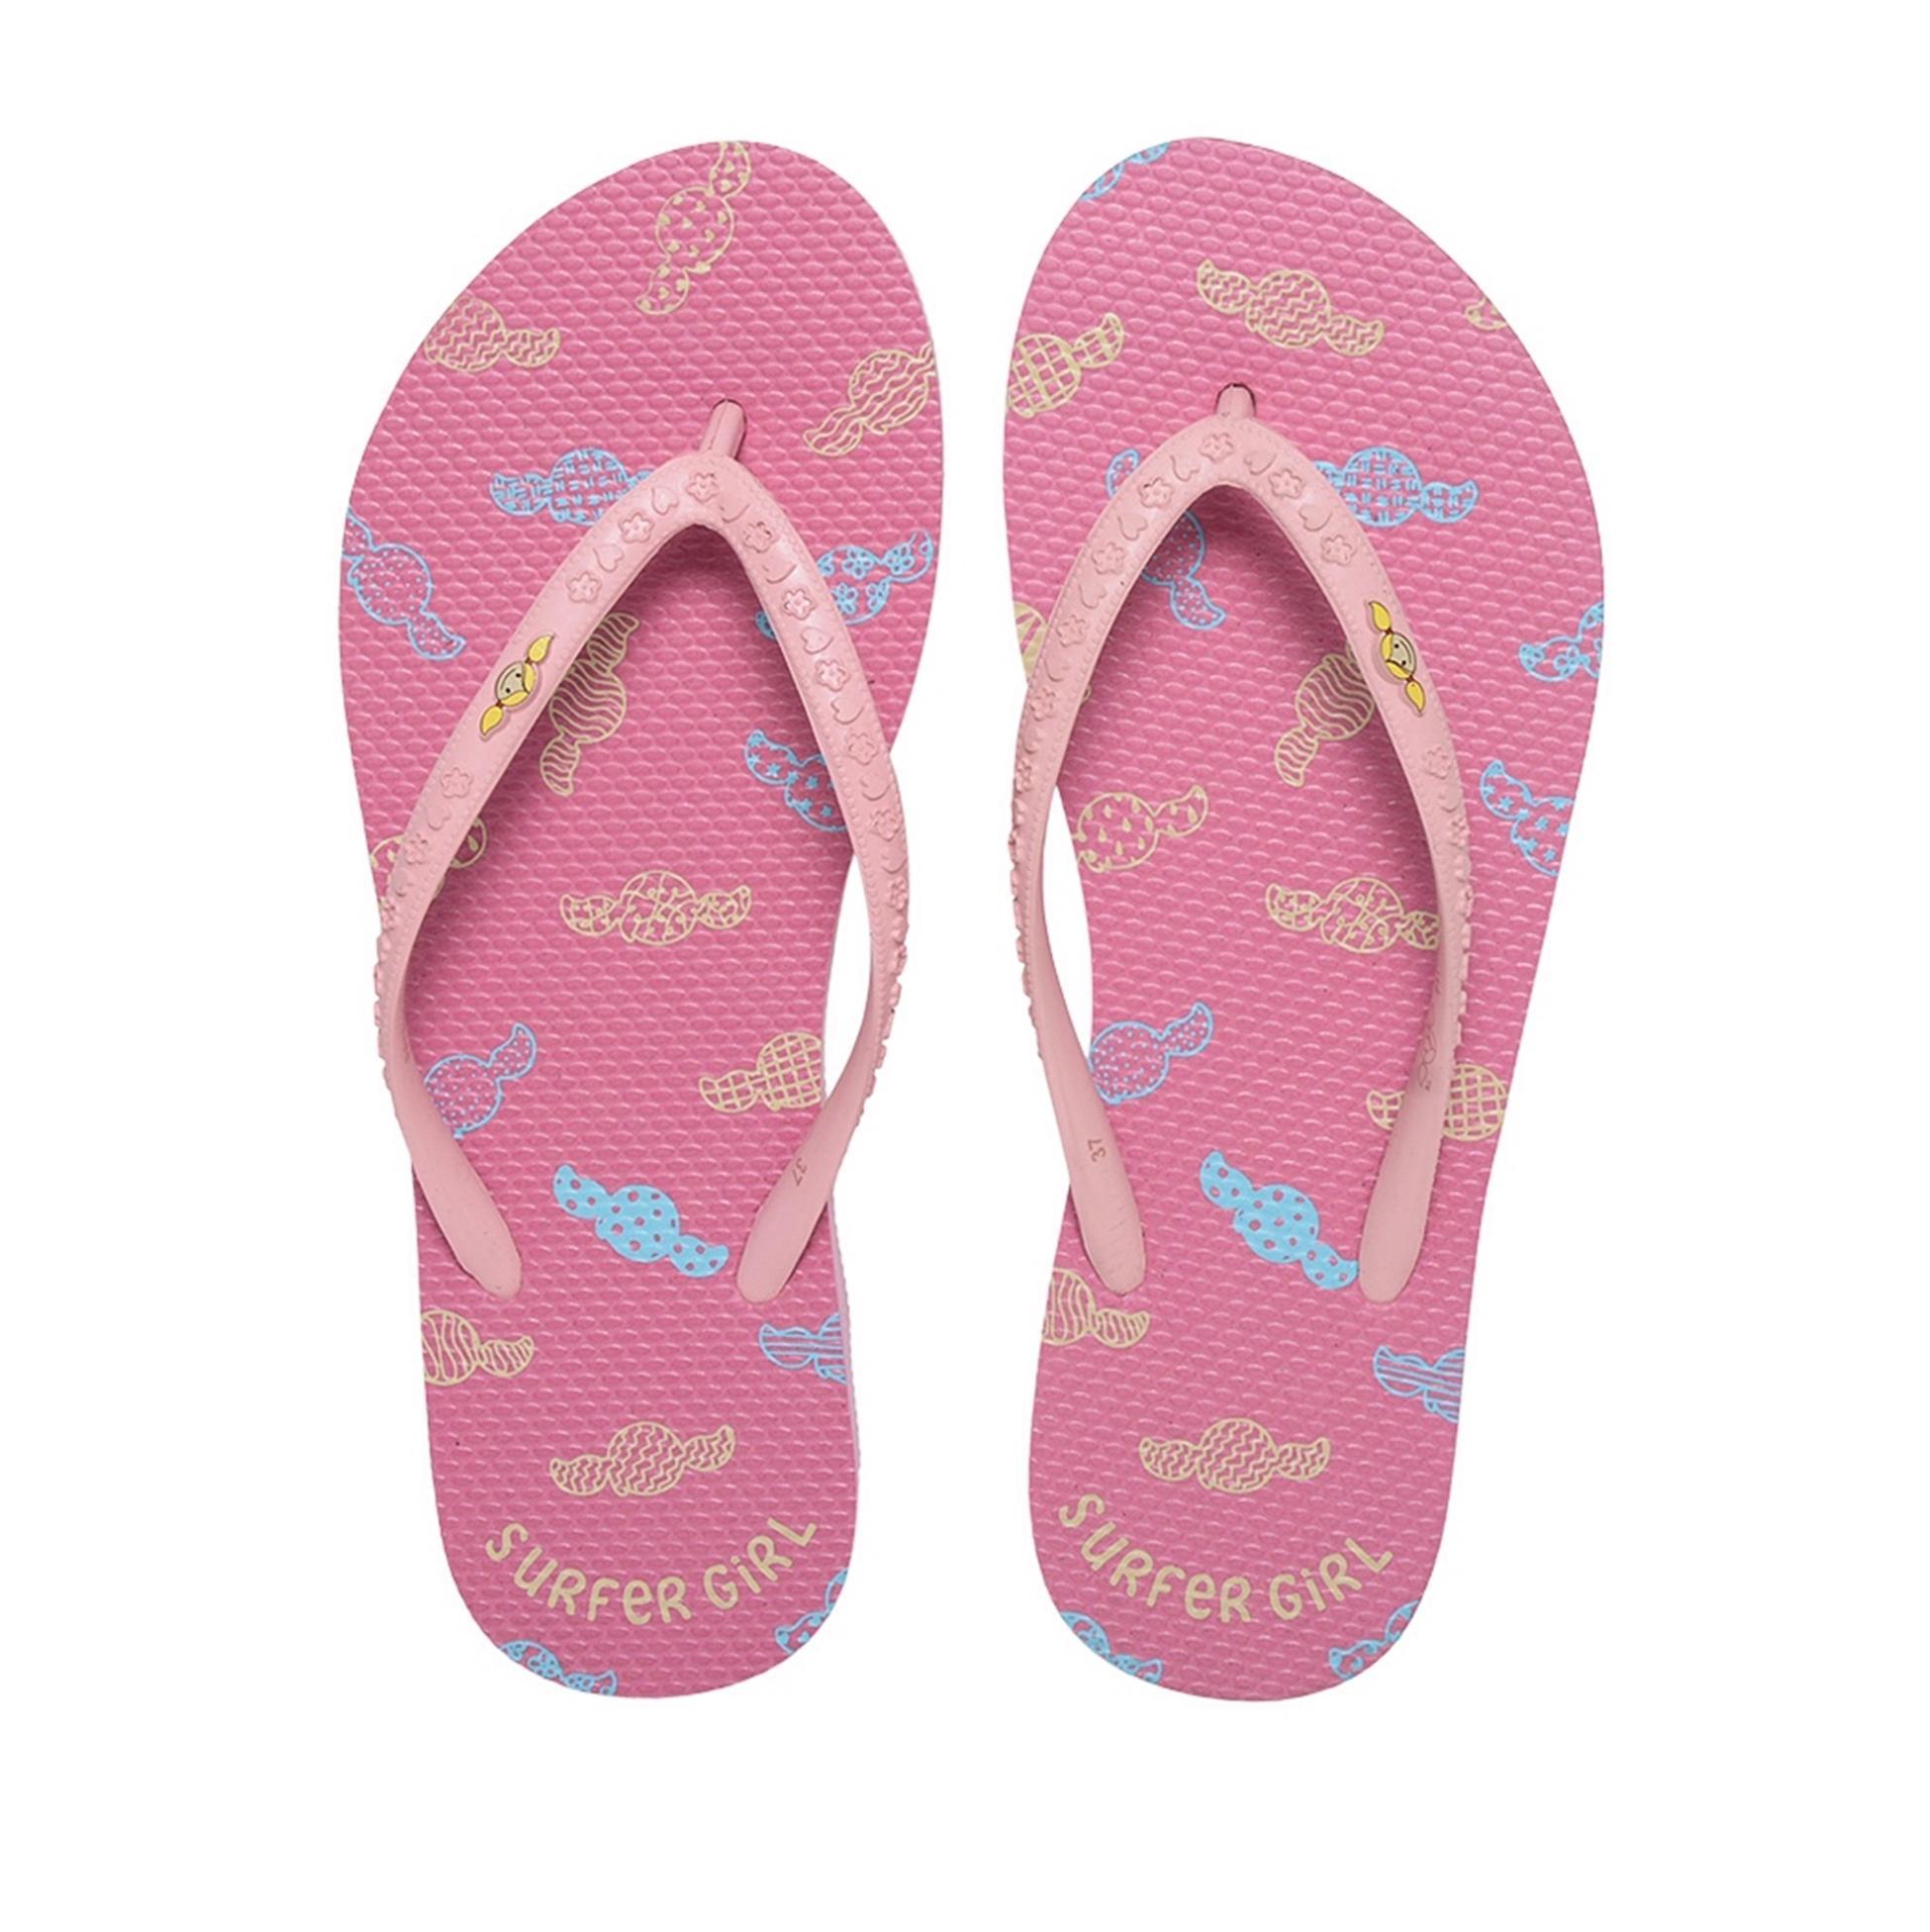 Sandal Surfer Girl S009 Pink